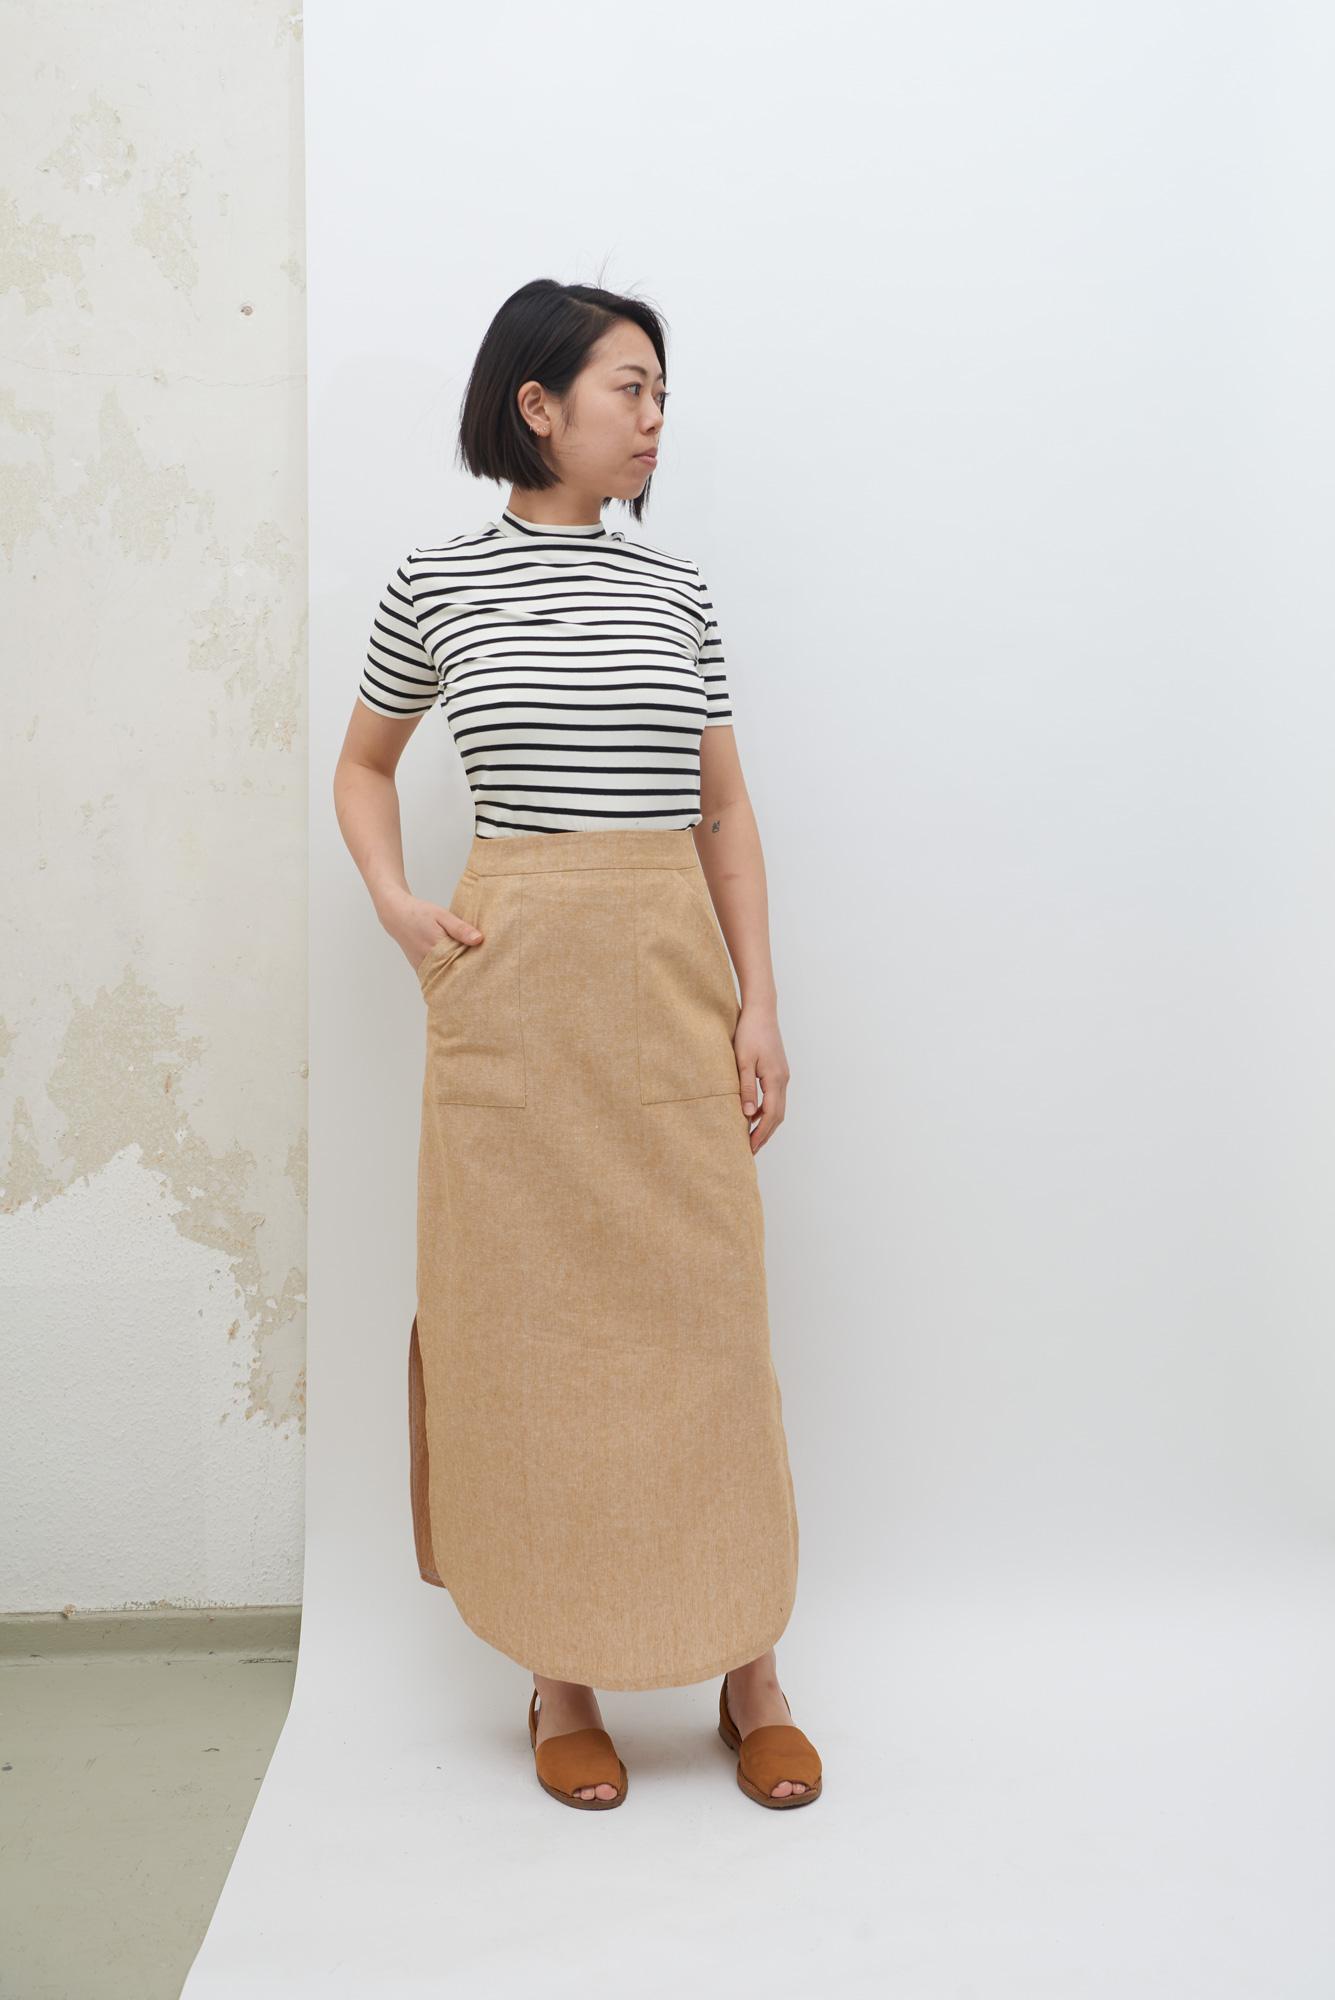 Poketto Skirt - Desert